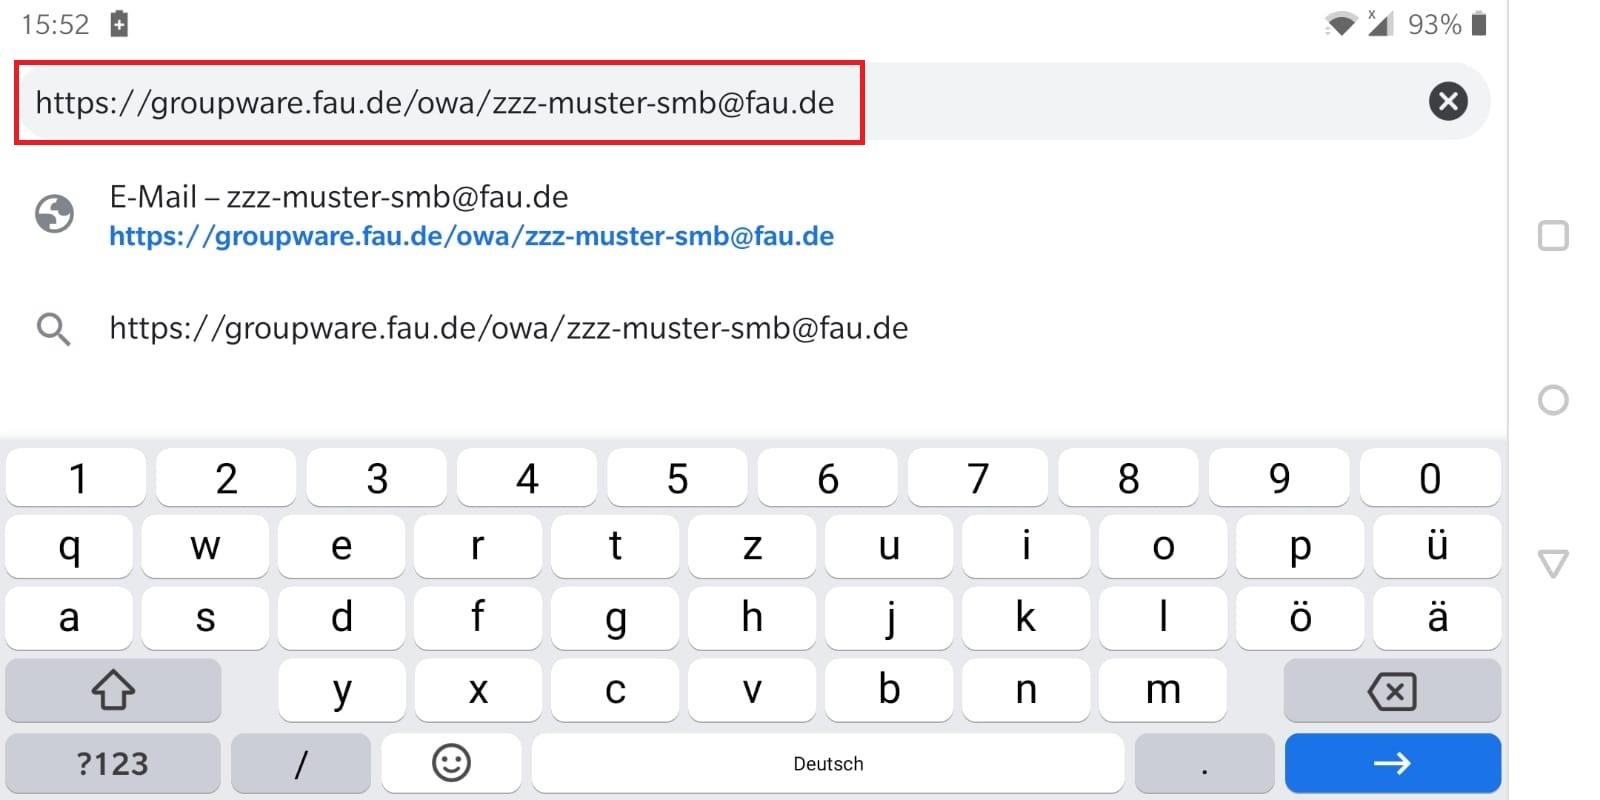 Das Bild zeigt, dass Sie in Ihrem mobilen Browser (Android) in der Suchleiste Ihres Browsers die E-Mail-Adresse des entsprechendem Postfachs hinter der URL angeben sollen.